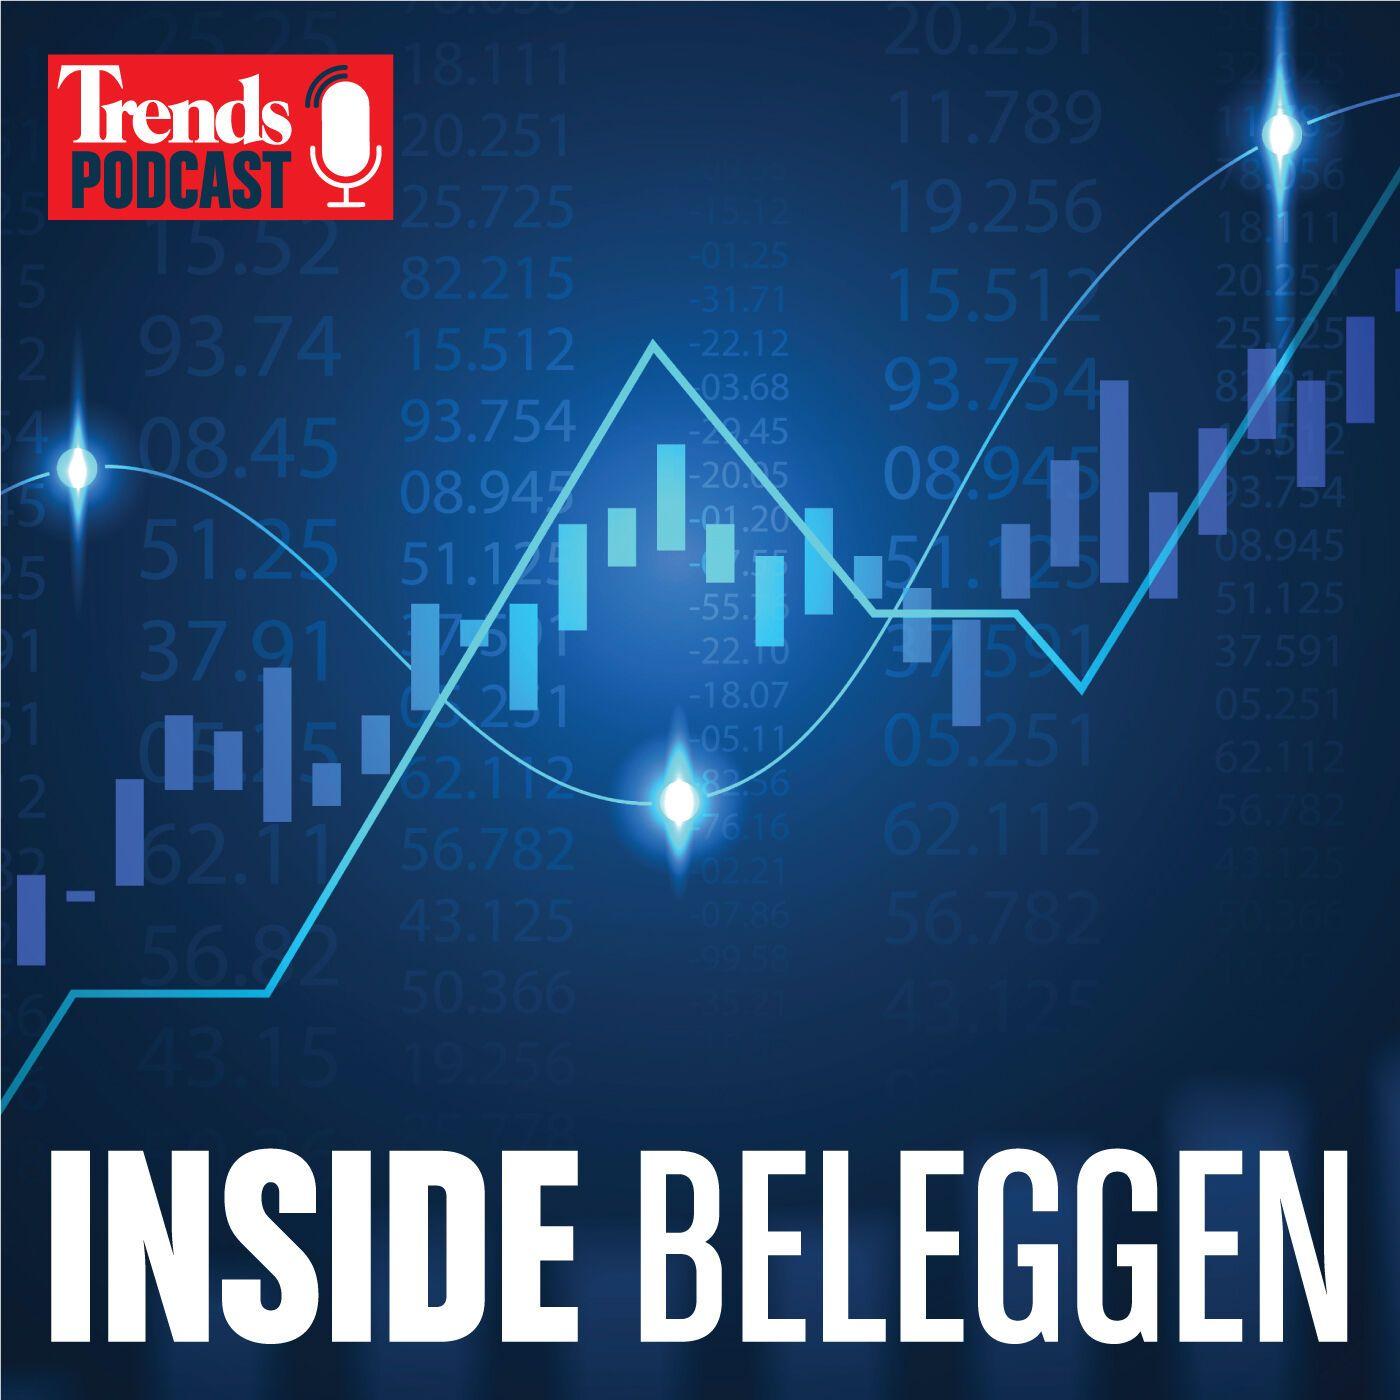 De Inside Beleggen Podcast van Trends logo